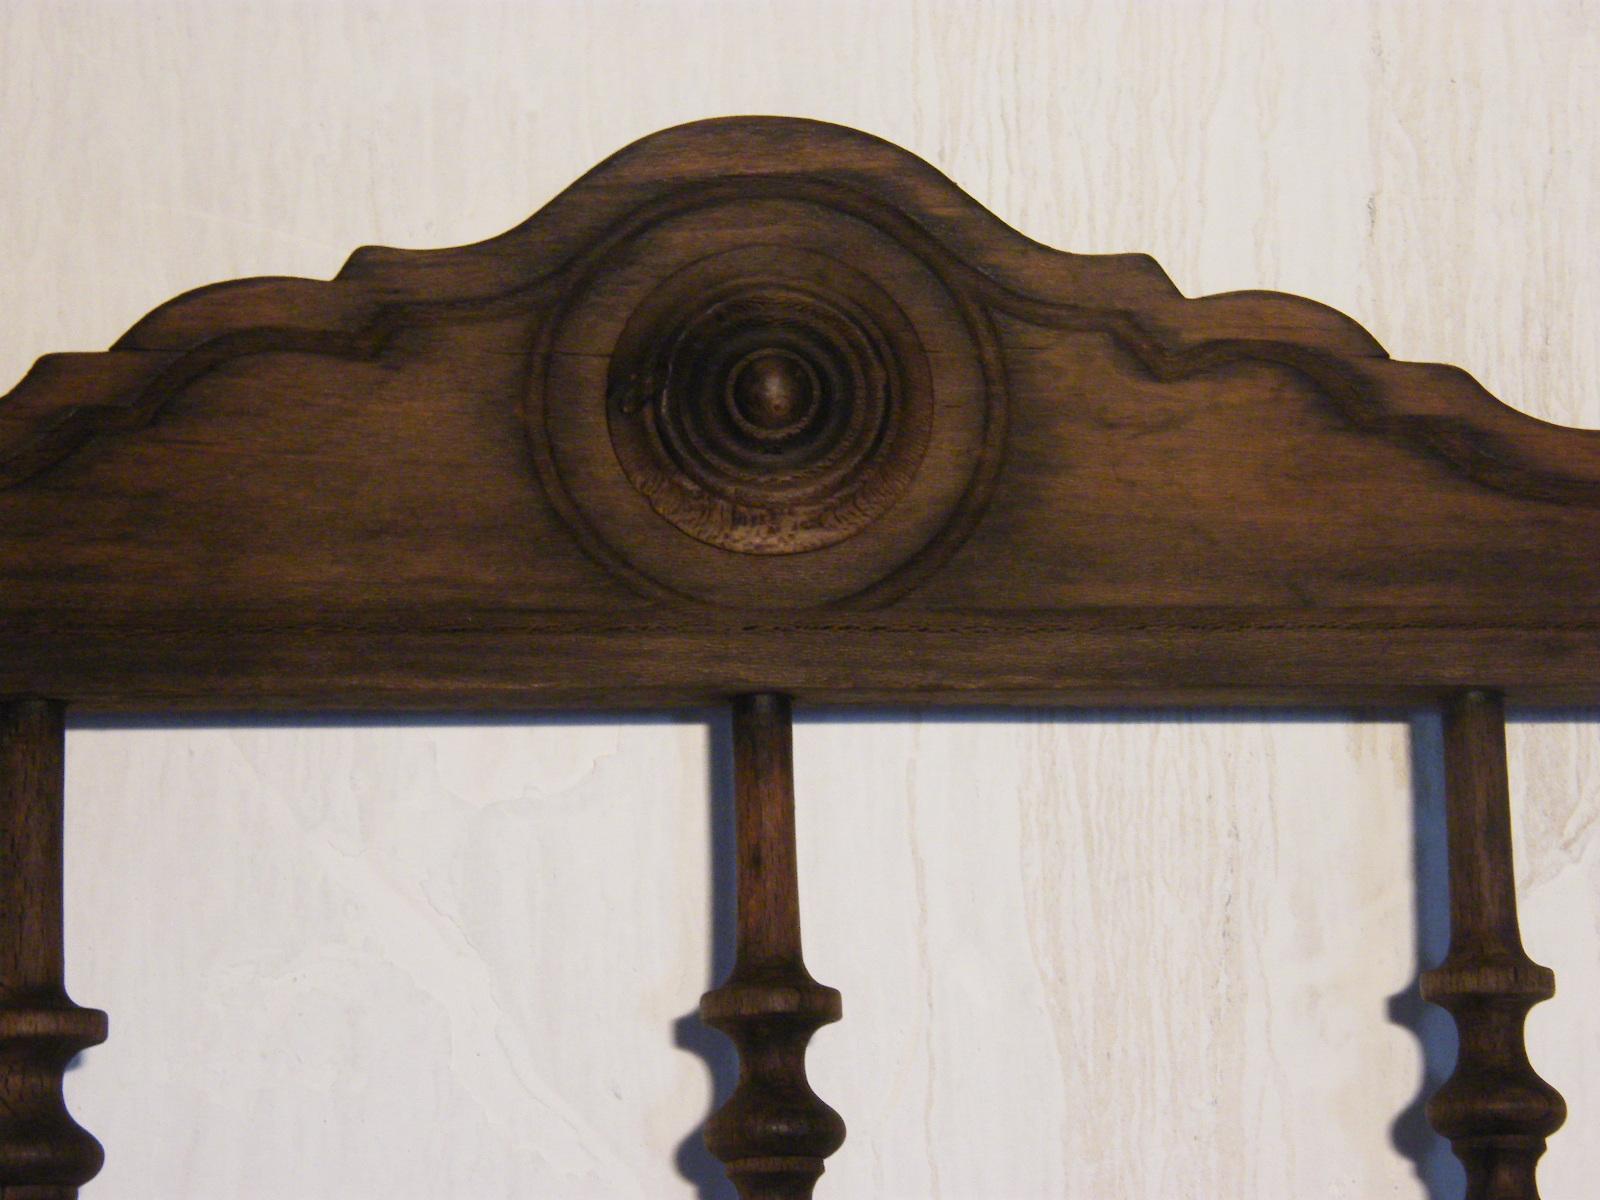 Cabeceros cama antiguos respaldo cabecera cama muebles - Cabeceros cama antiguos ...